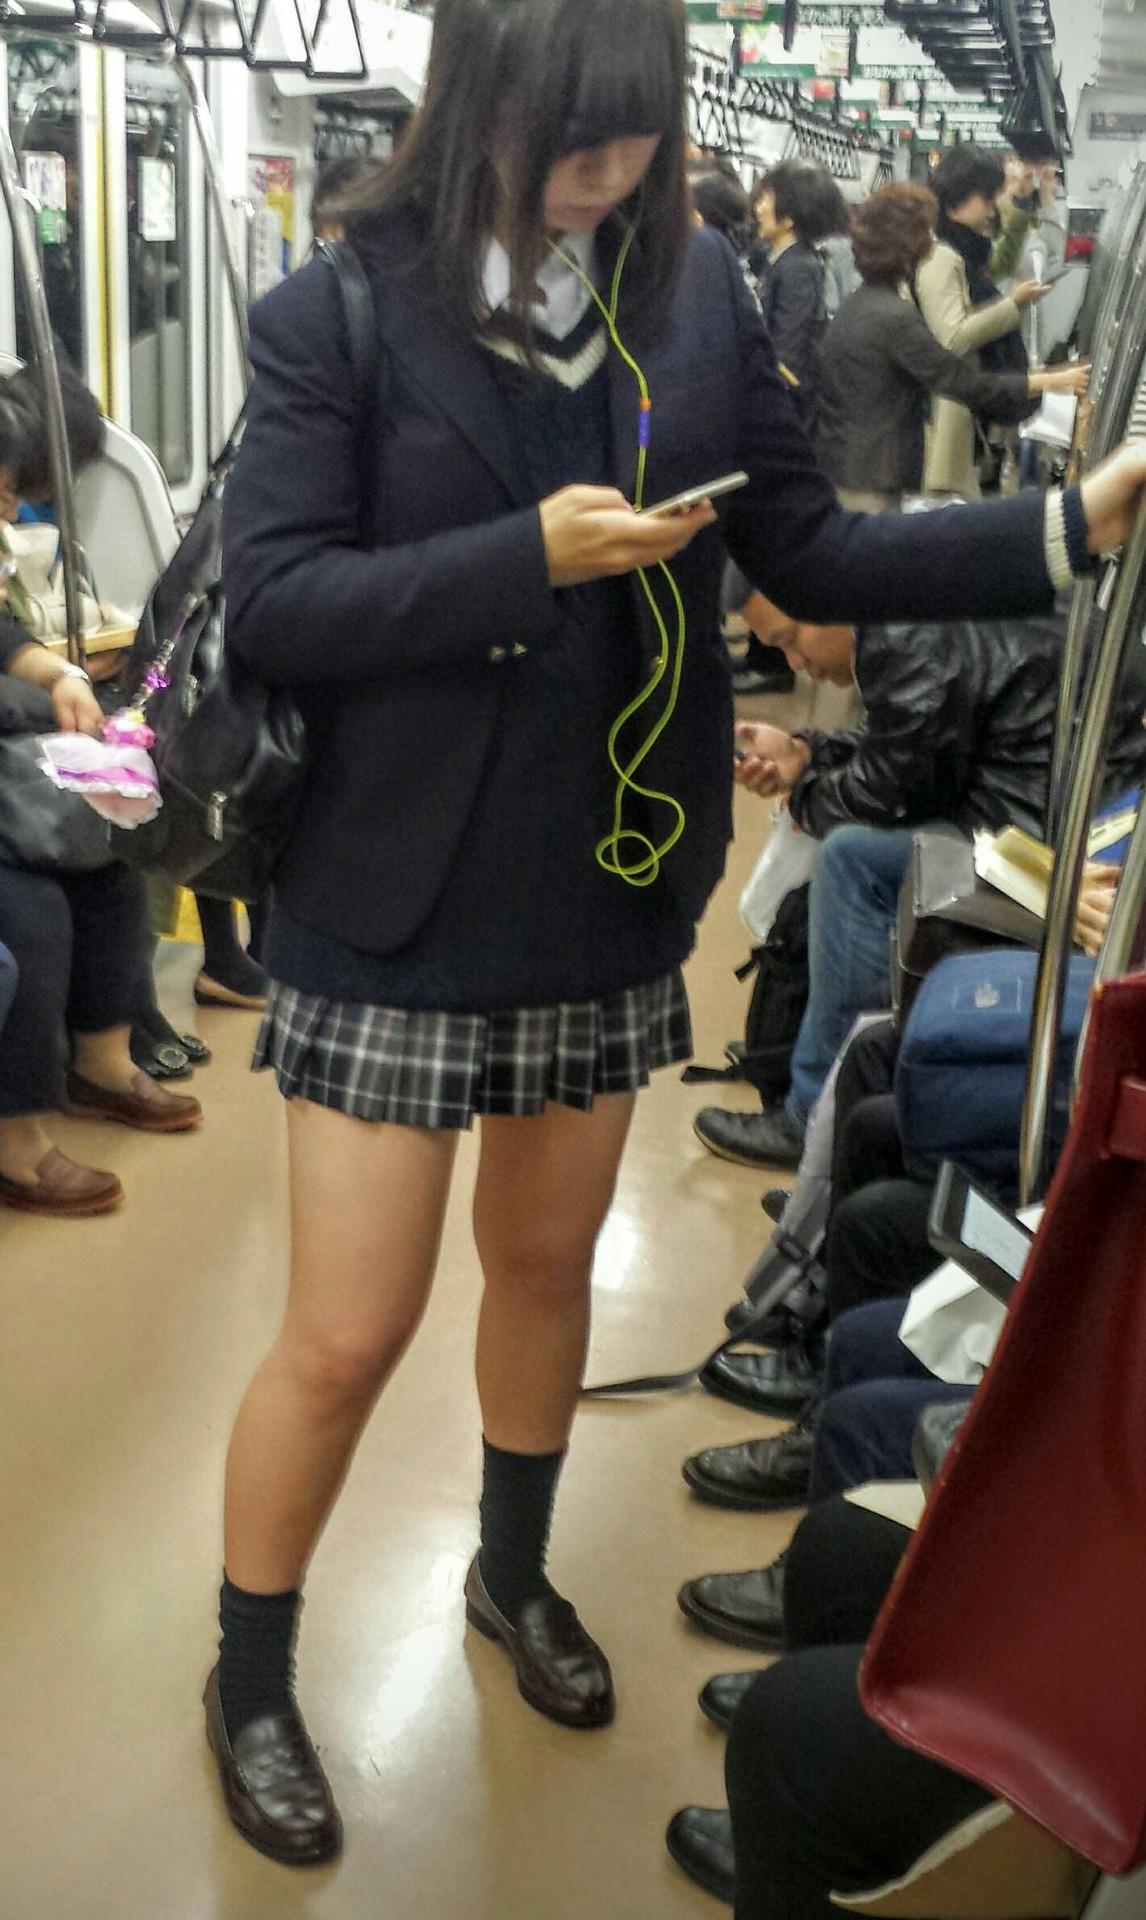 【画像】思わず乗り過ごしてしまう電車JK